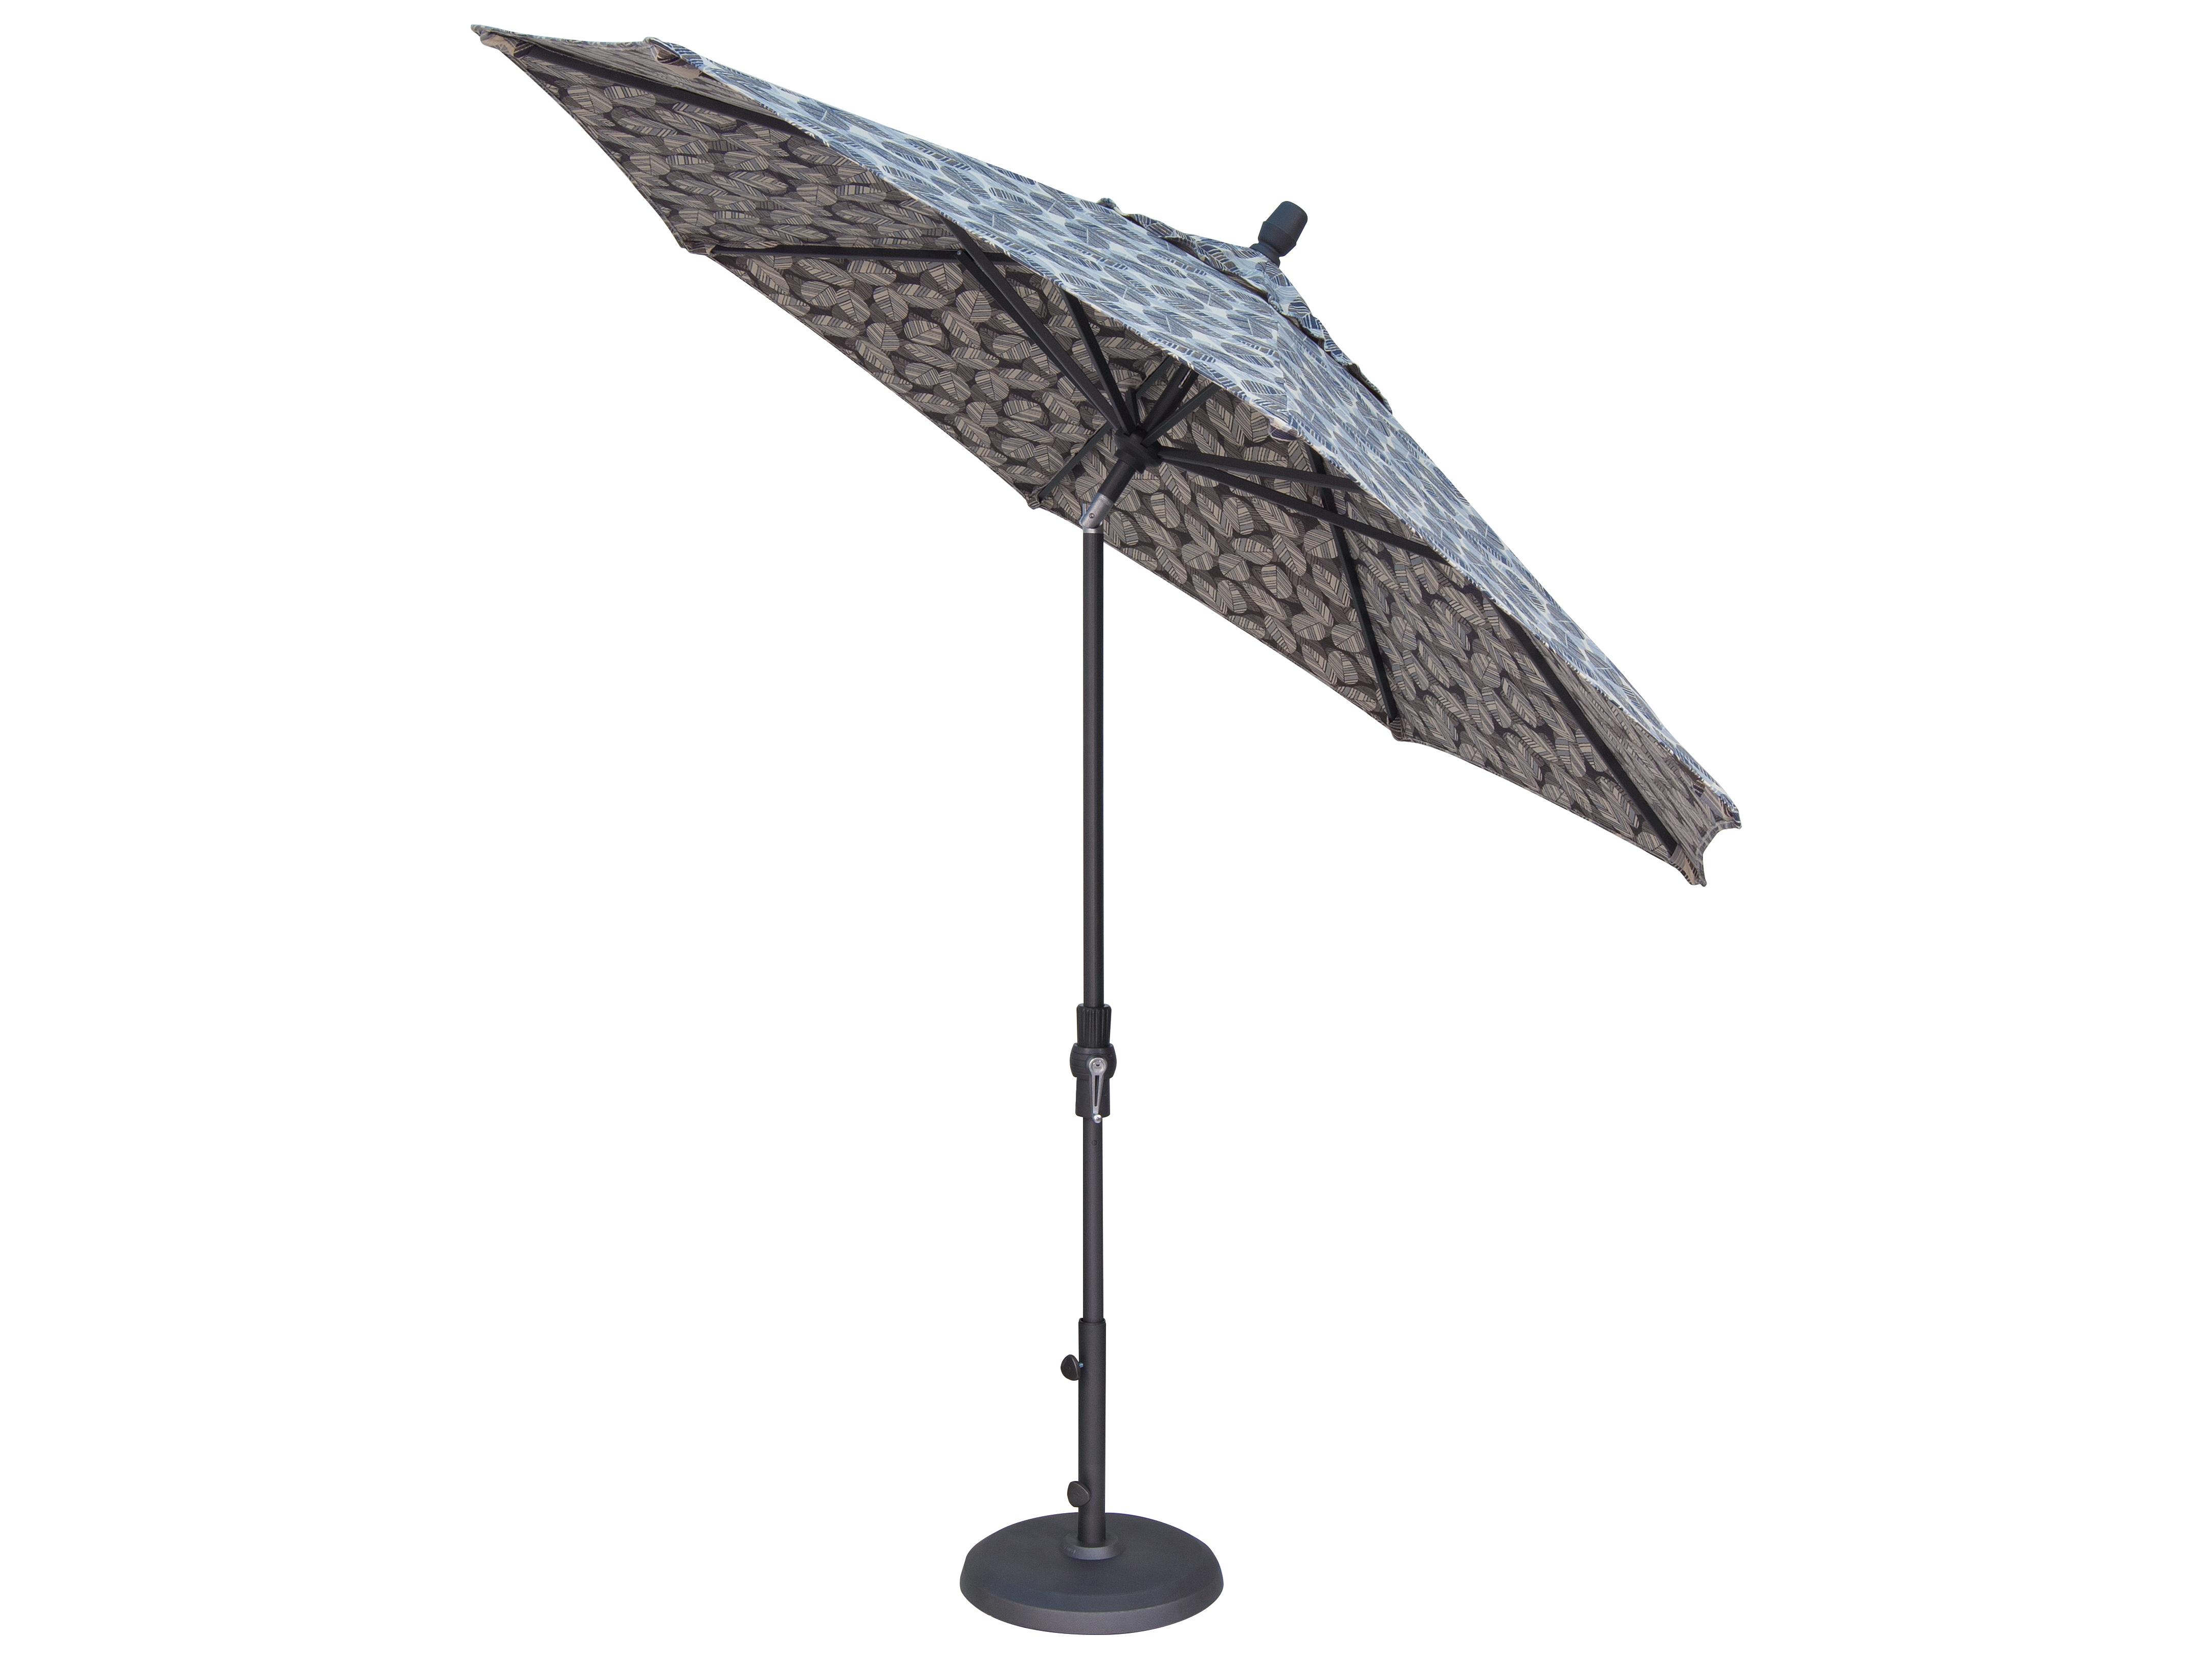 Treasure Garden Market Aluminum 9 39 Octagon Collar Tilt Crank Lift Umbrella Um800